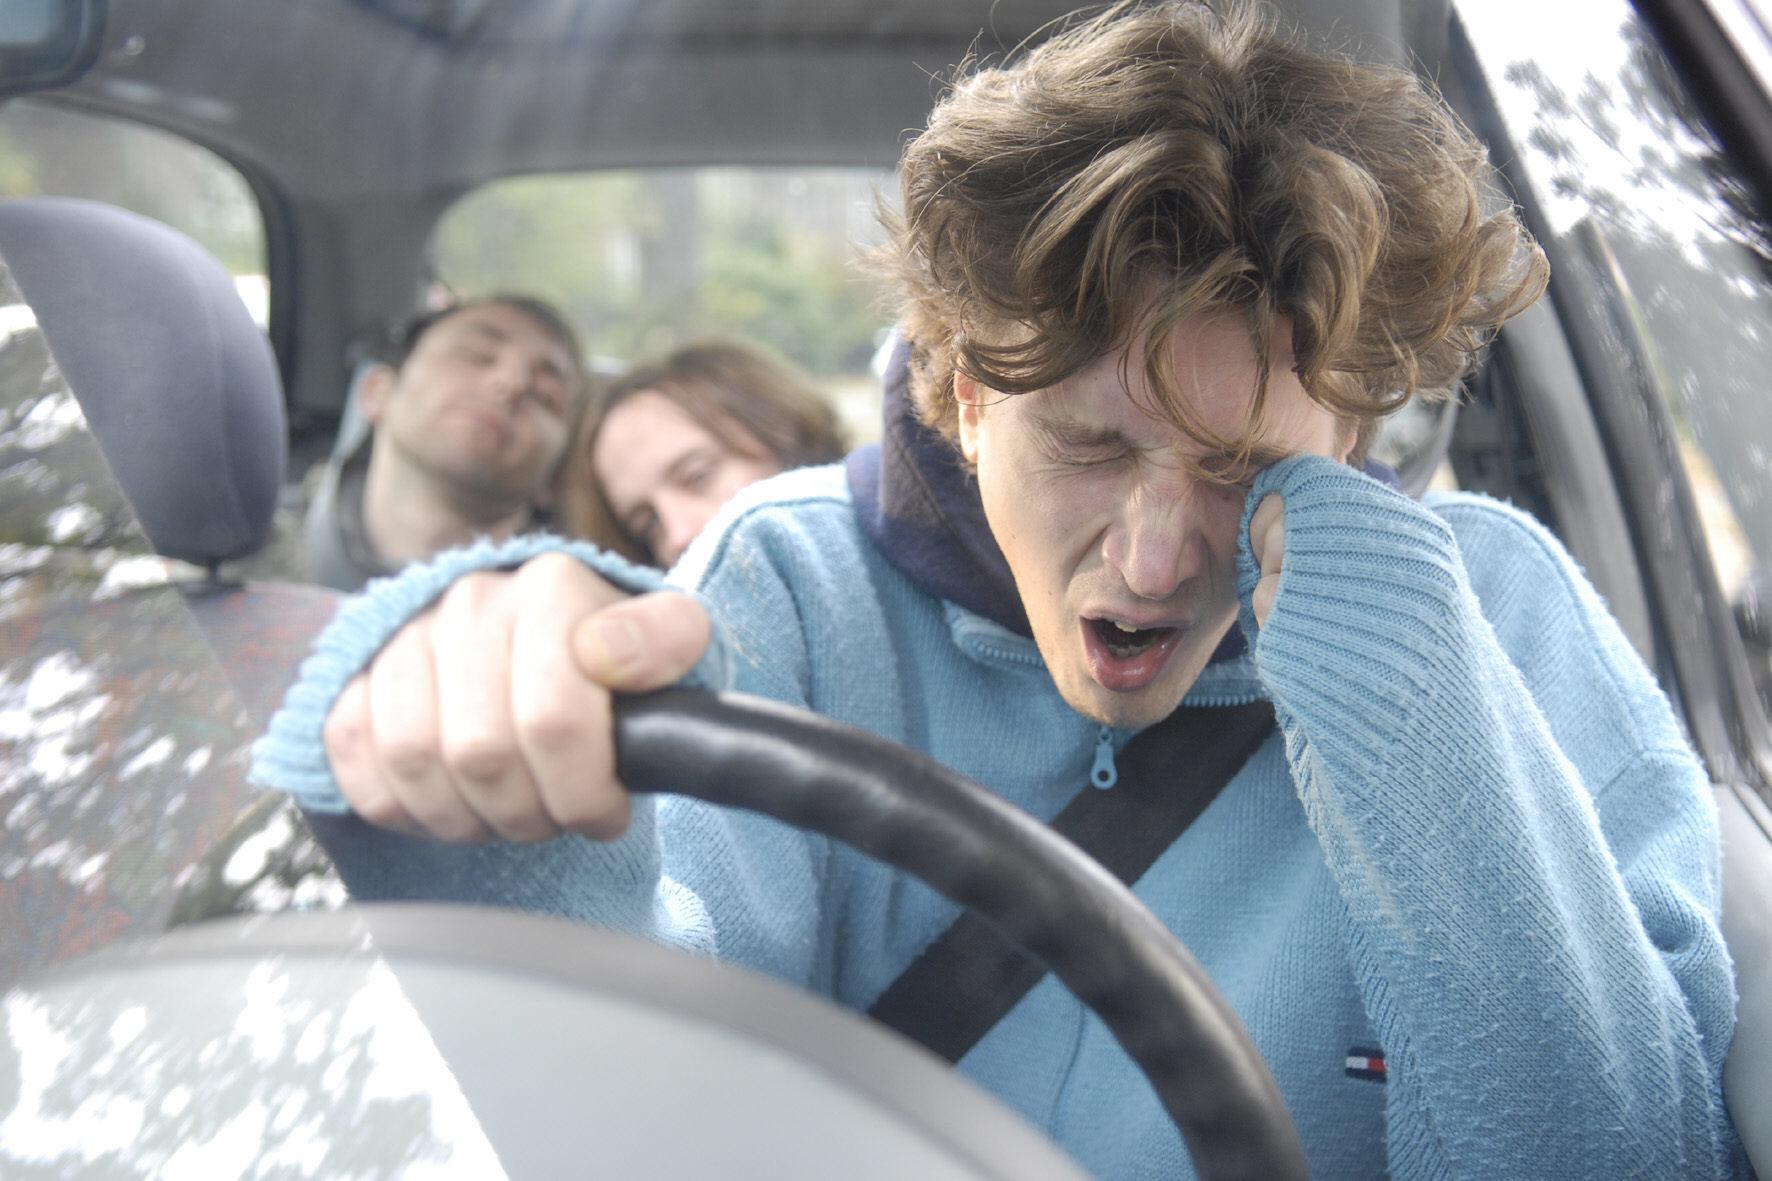 mid Groß-Gerau - Übermüdete Autofahrer bringen sich und andere Verkehrsteilnehmer in Lebensgefahr.